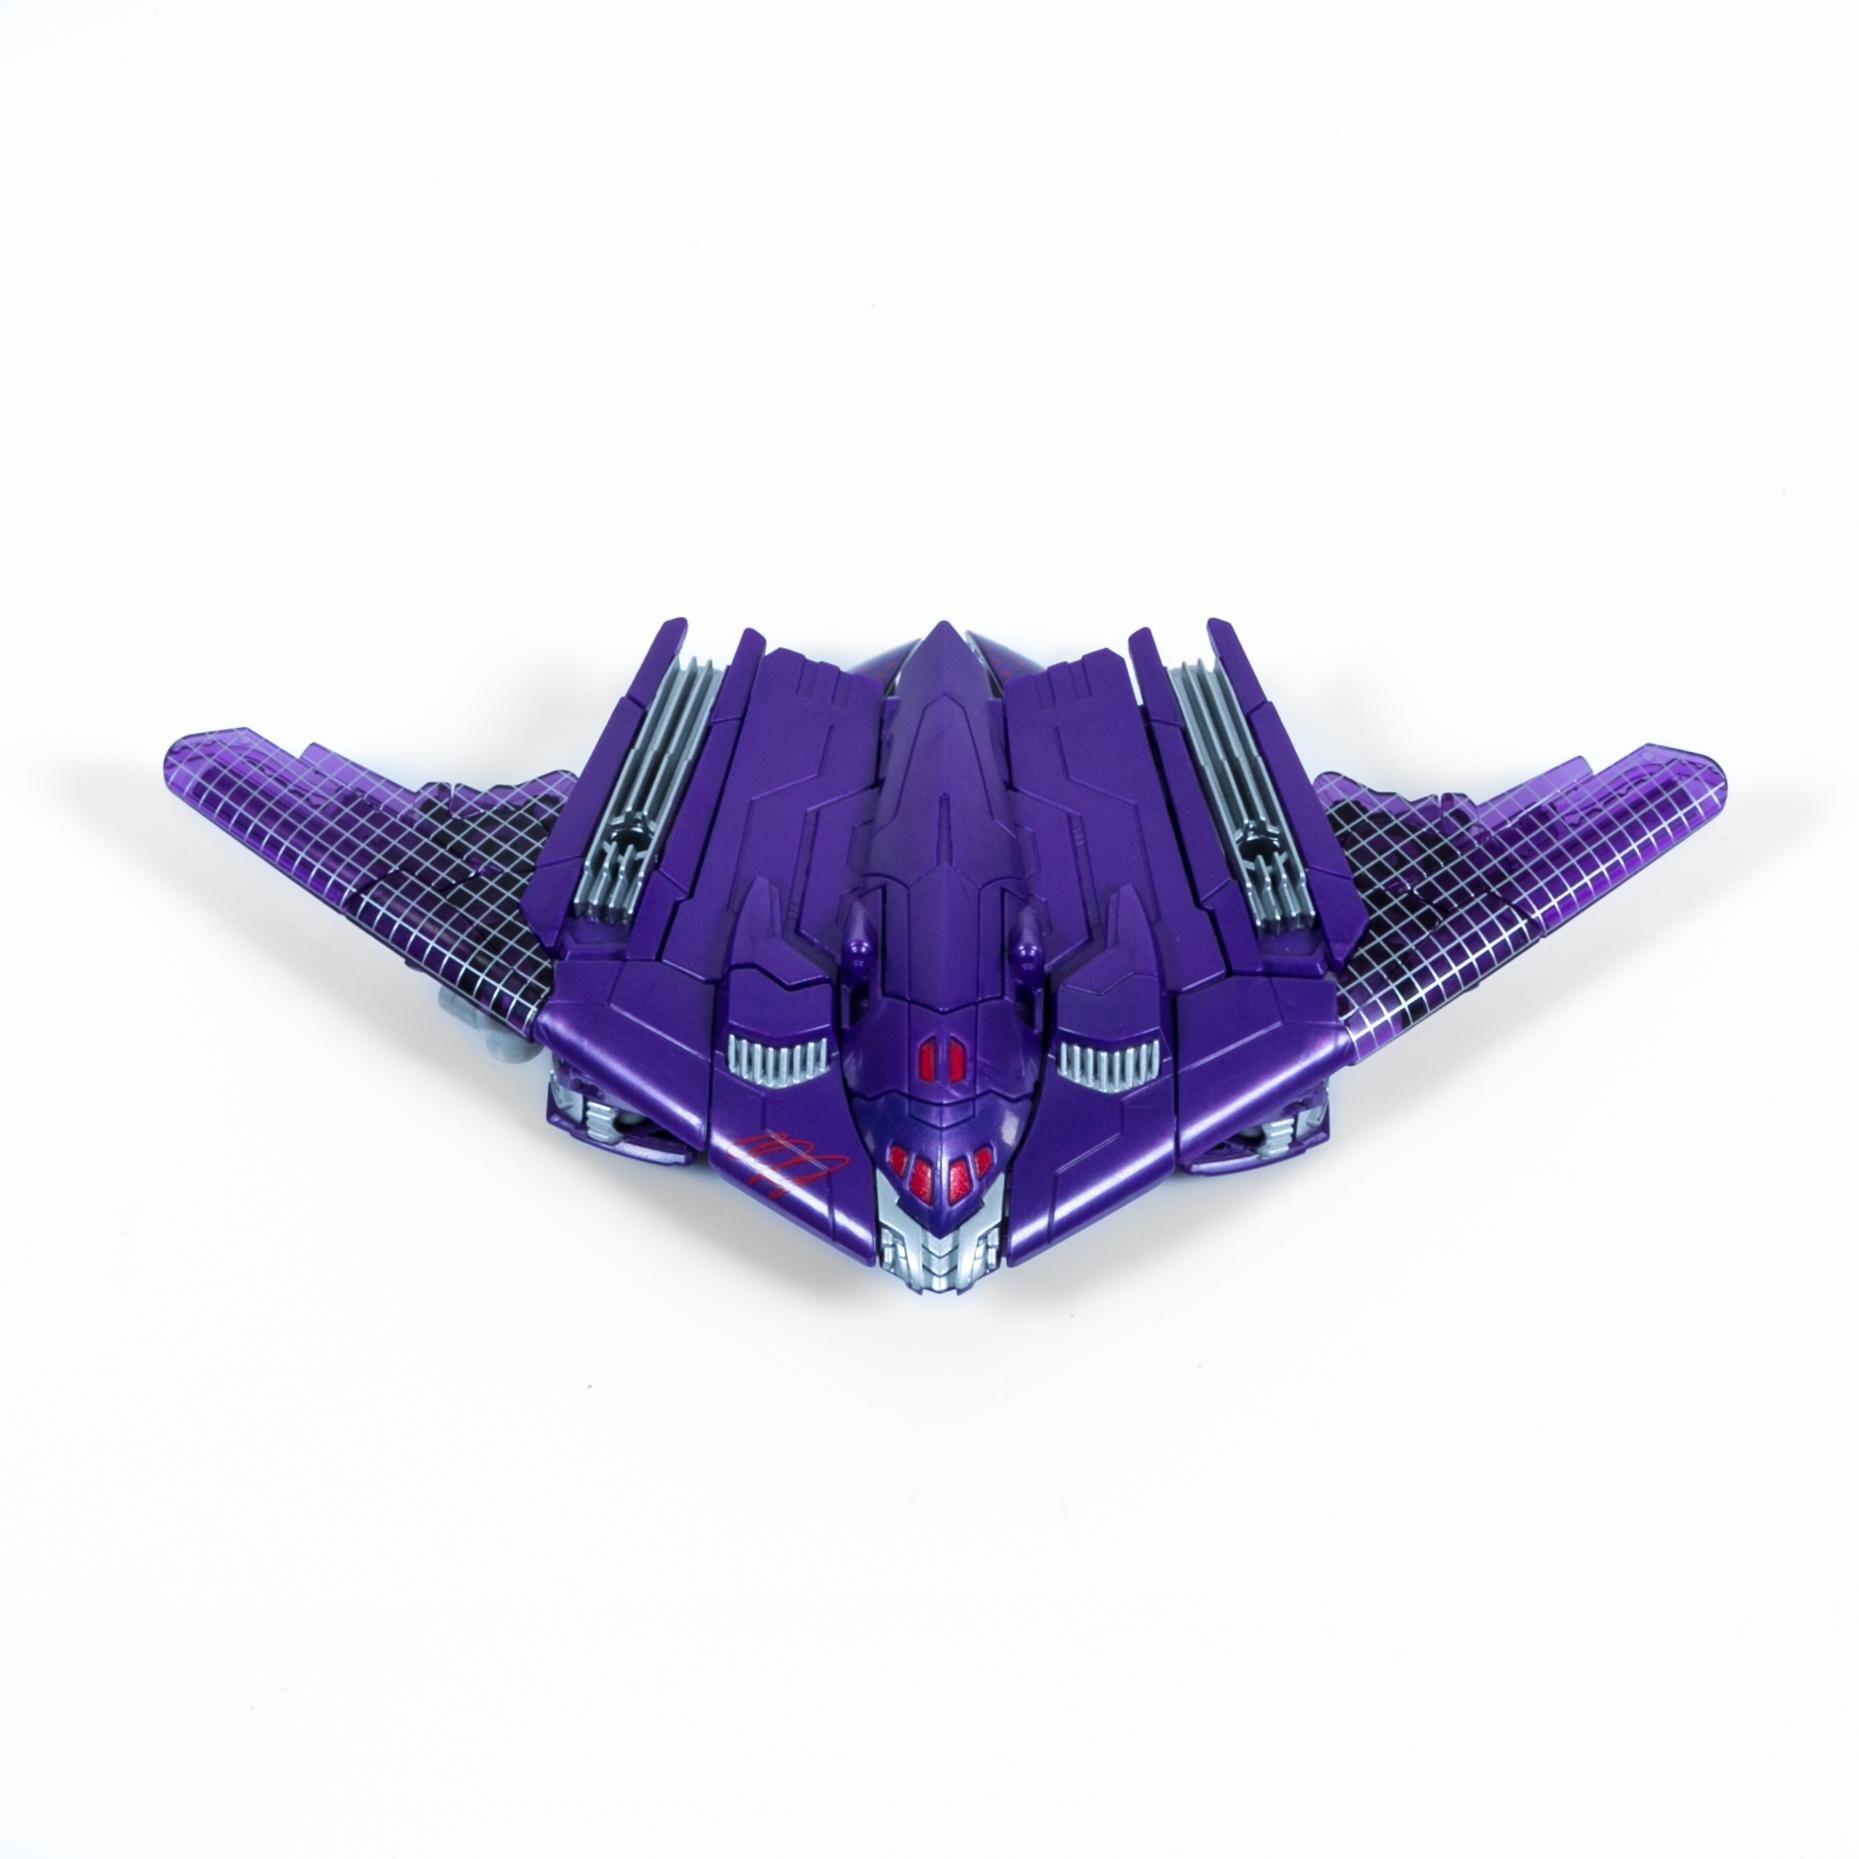 Megatron in jet form